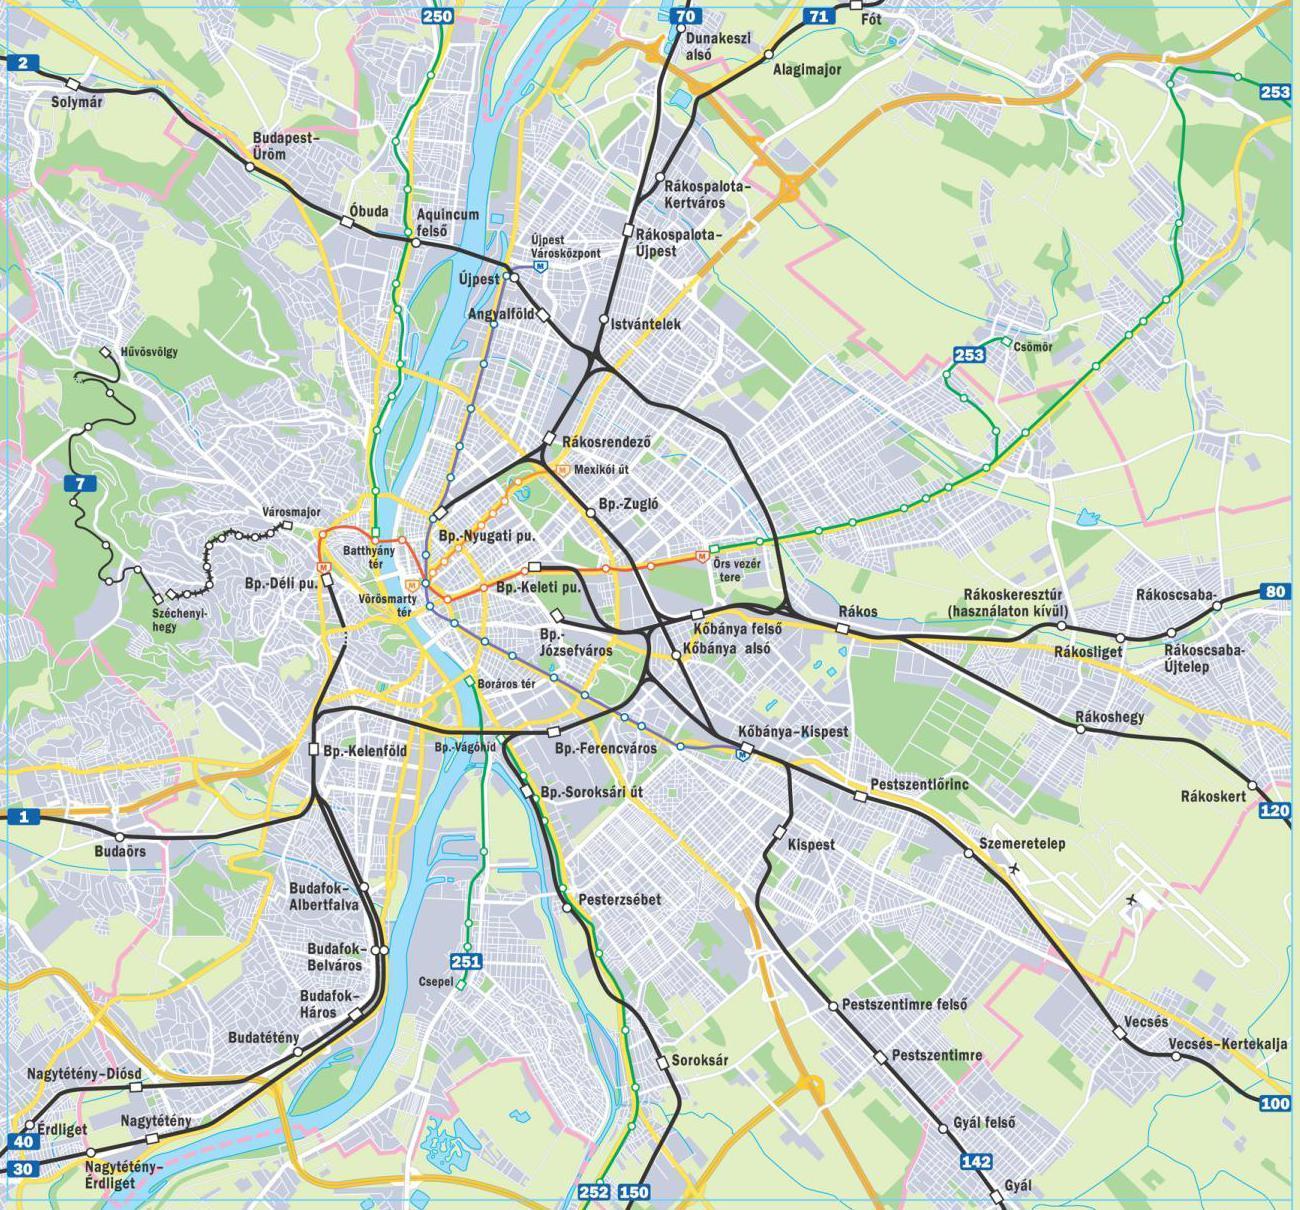 budapest térkép metróvonalak Kell e egyáltalán Budapestre metró?   A marsrutkáktól a plackartig budapest térkép metróvonalak